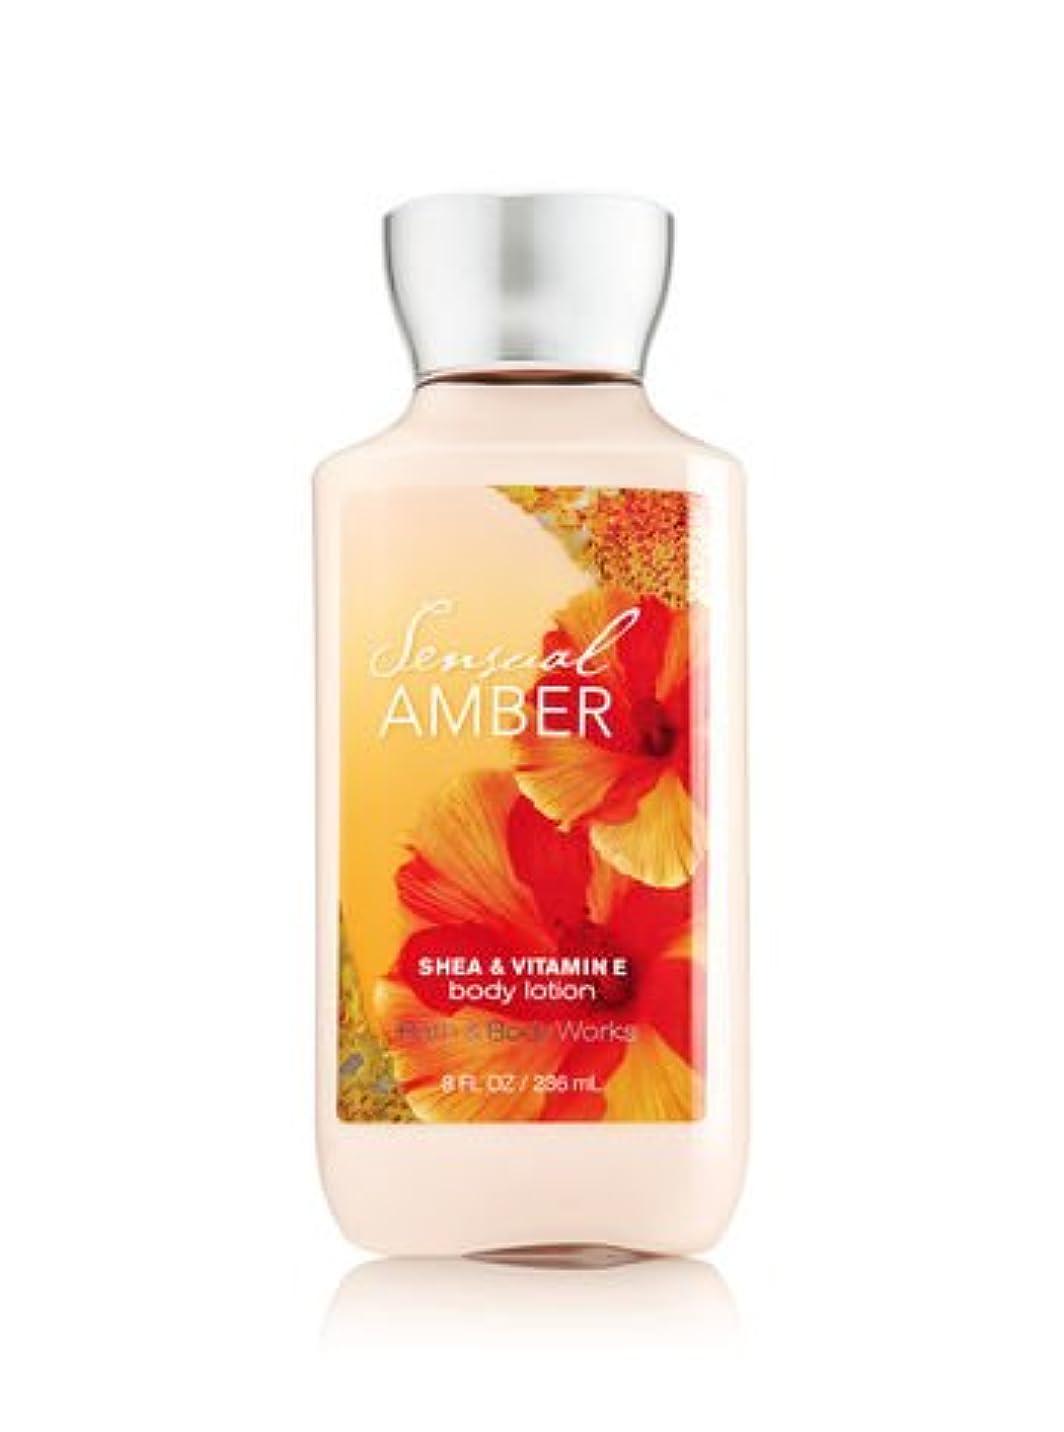 比較的性差別流産【Bath&Body Works/バス&ボディワークス】 ボディローション センシュアルアンバー Body Lotion Sensual Amber 8 fl oz / 236 mL [並行輸入品]